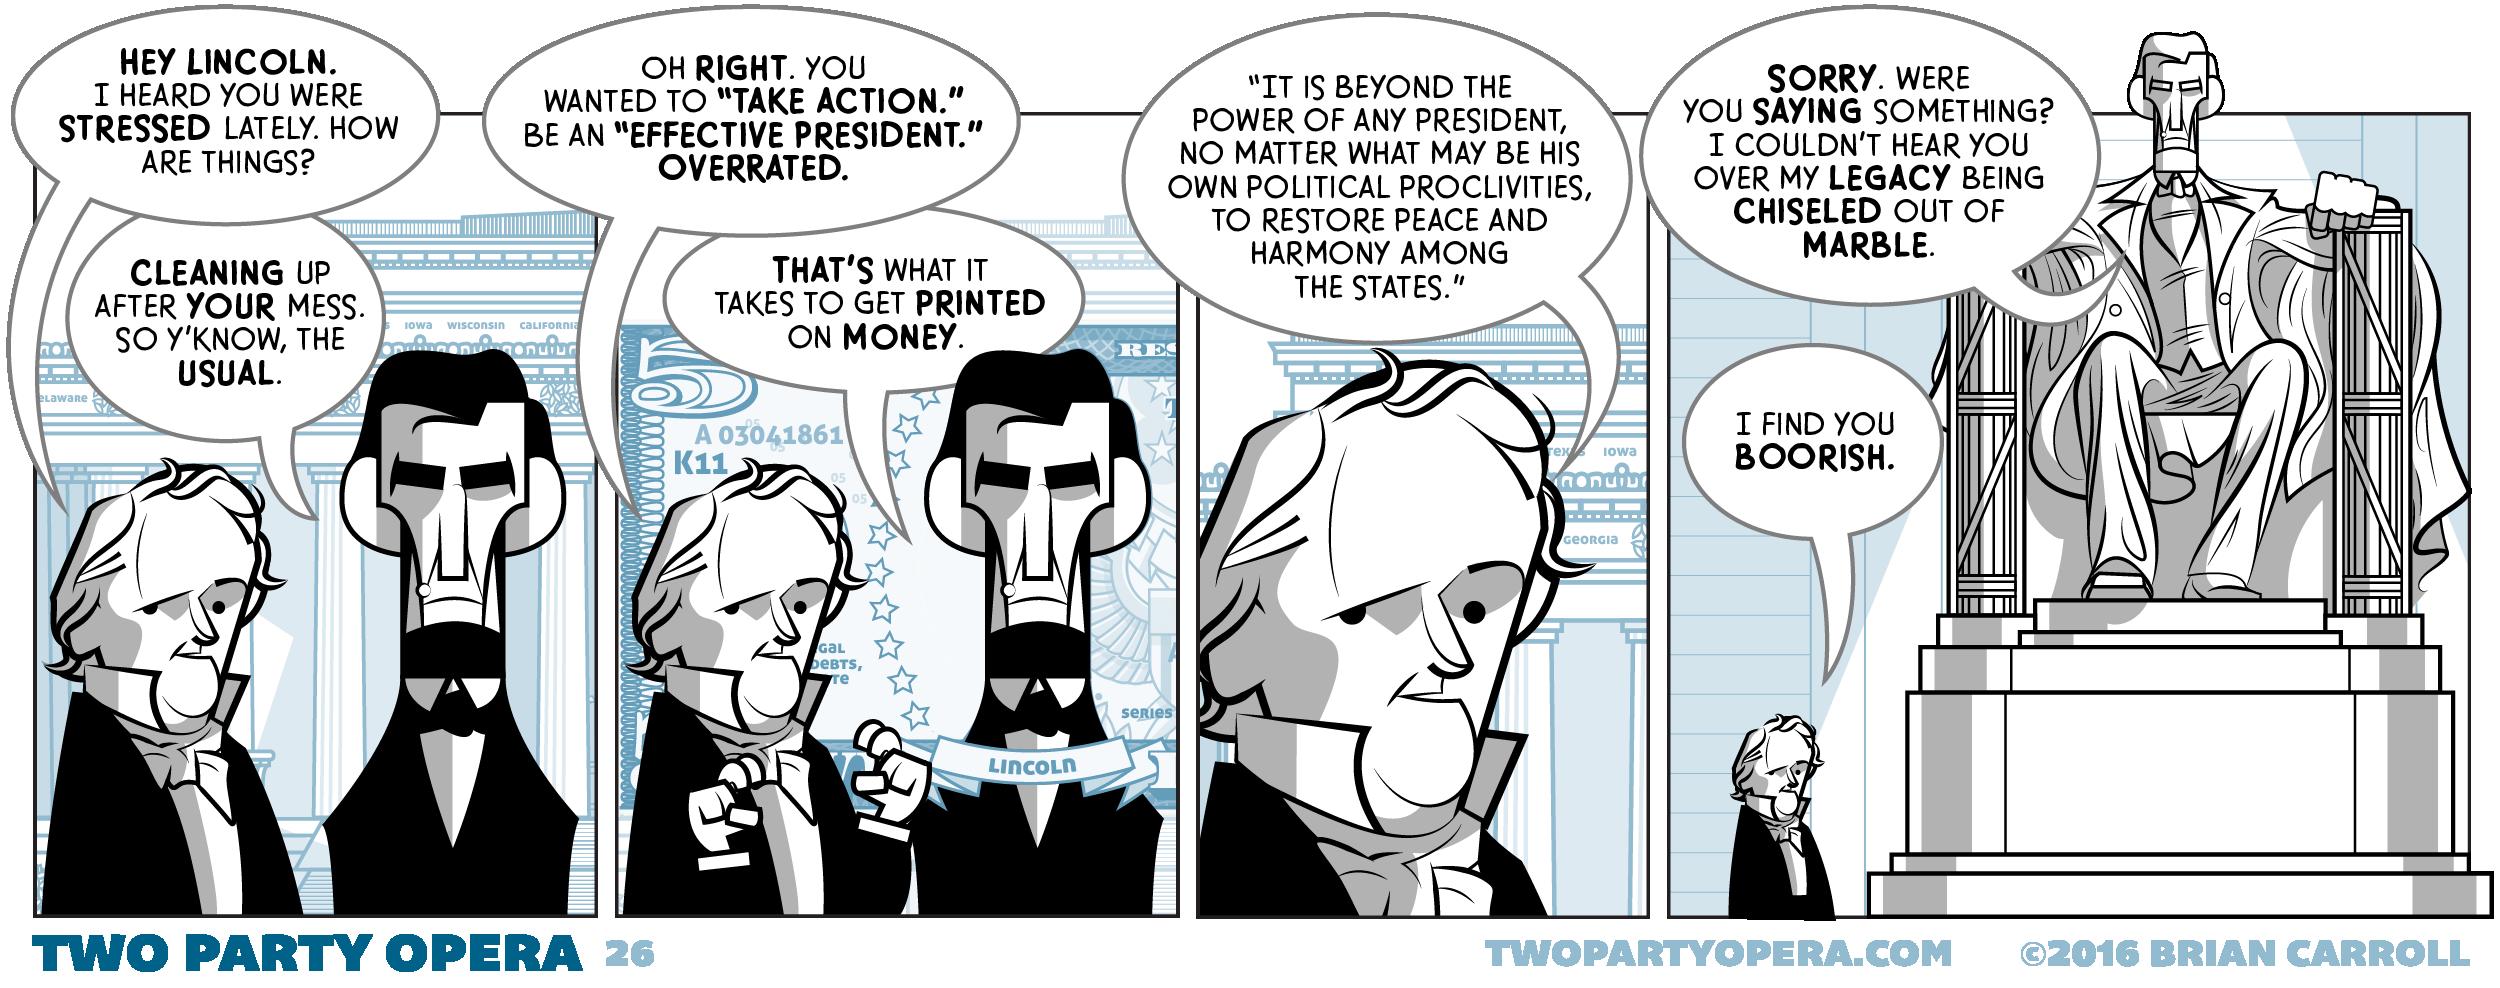 An Effective President